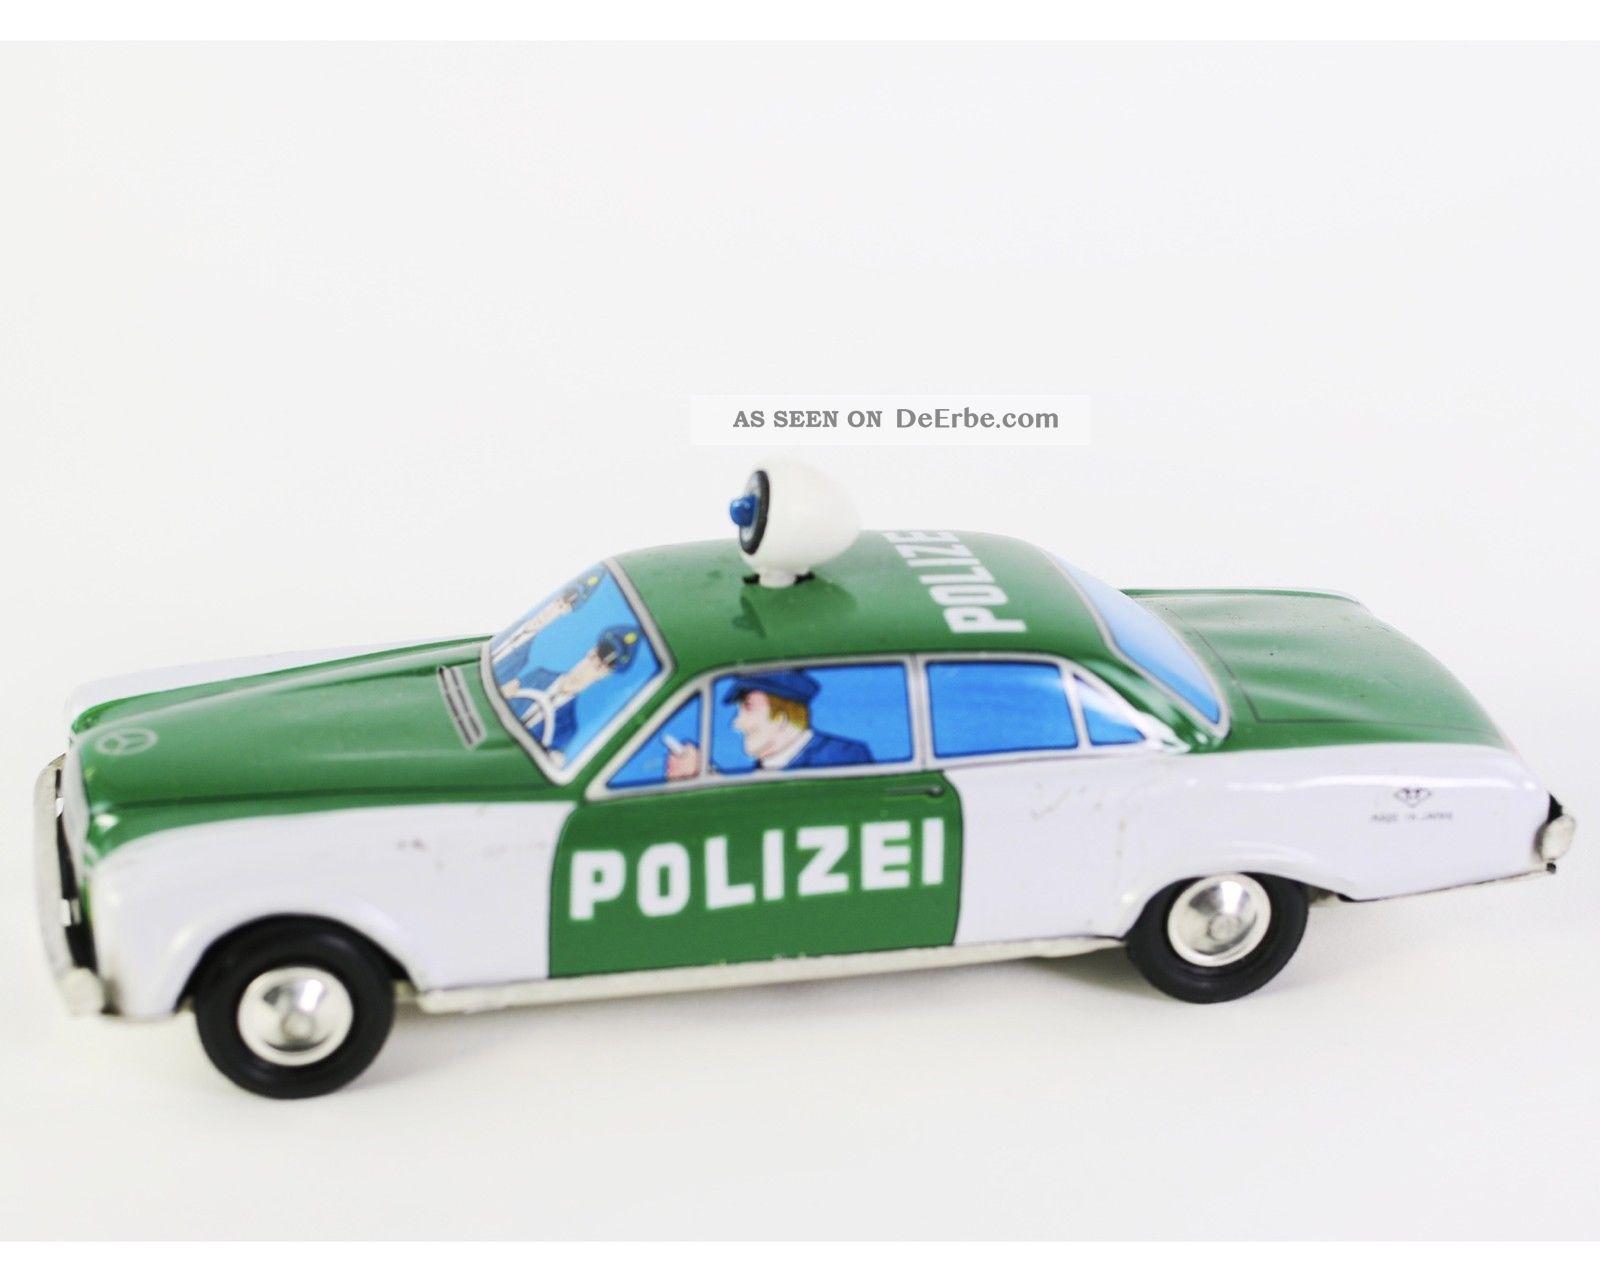 Polizei Blechauto 60er/70er Schwungmotor Rotierendes Blaulicht Made In Japan Original, gefertigt 1945-1970 Bild